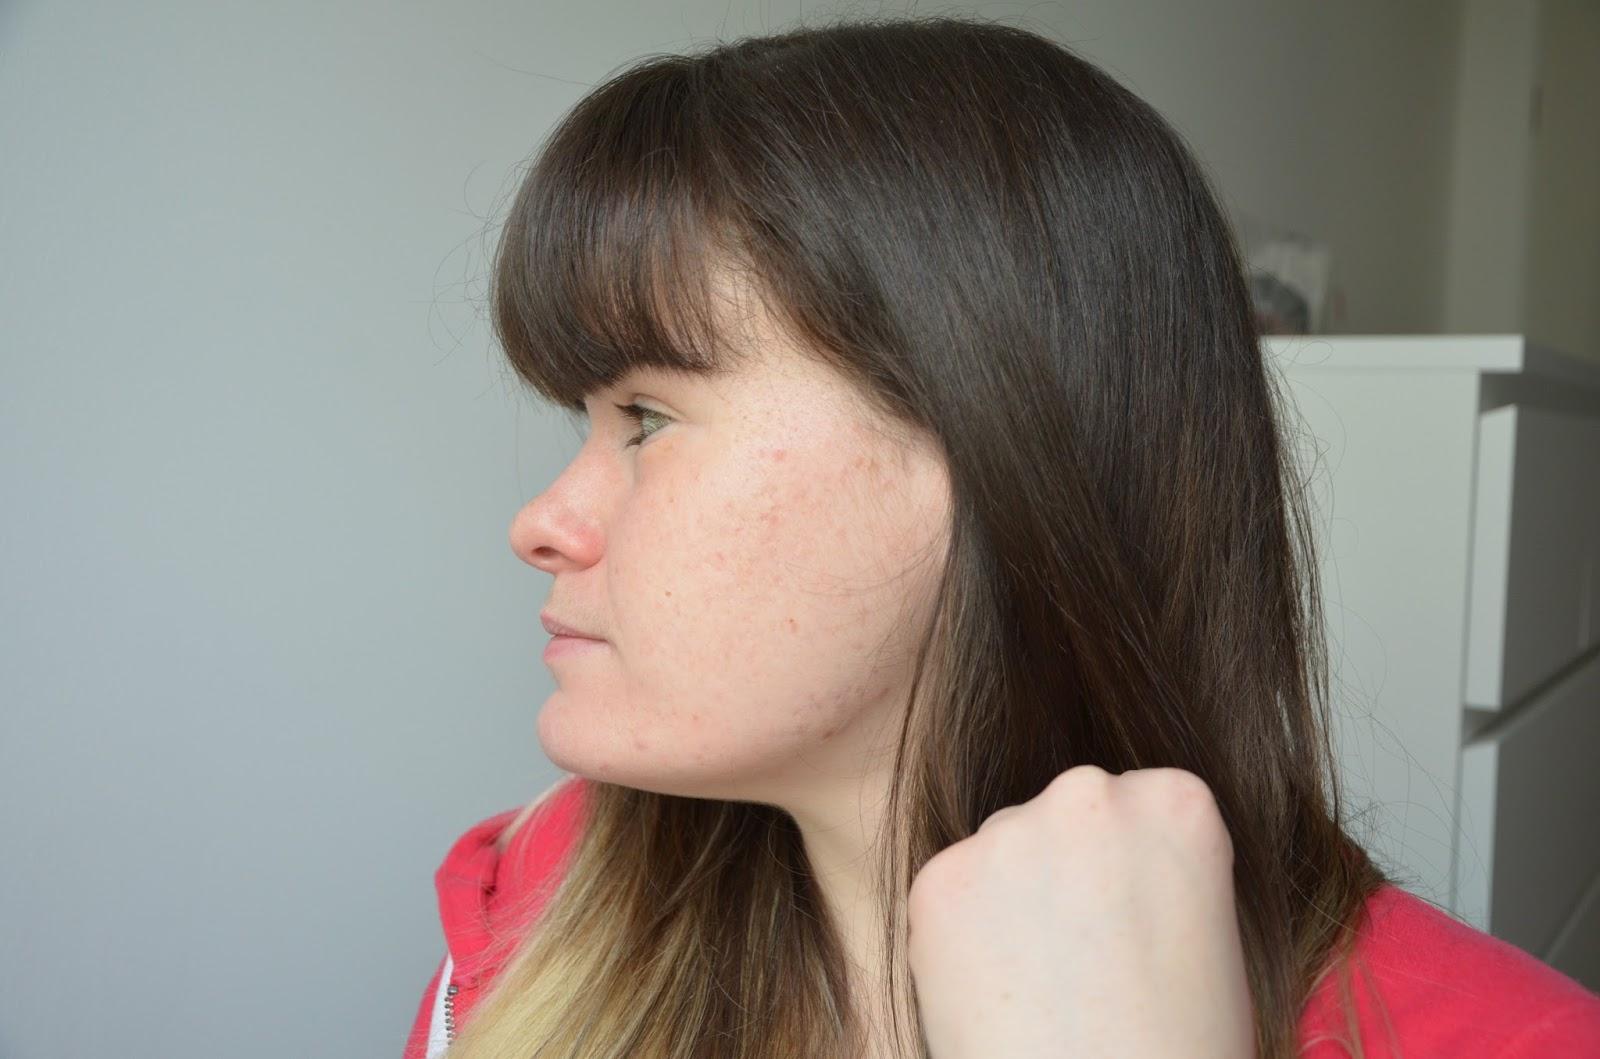 bilan, 1 an de traitement contre l'acné côté gauche